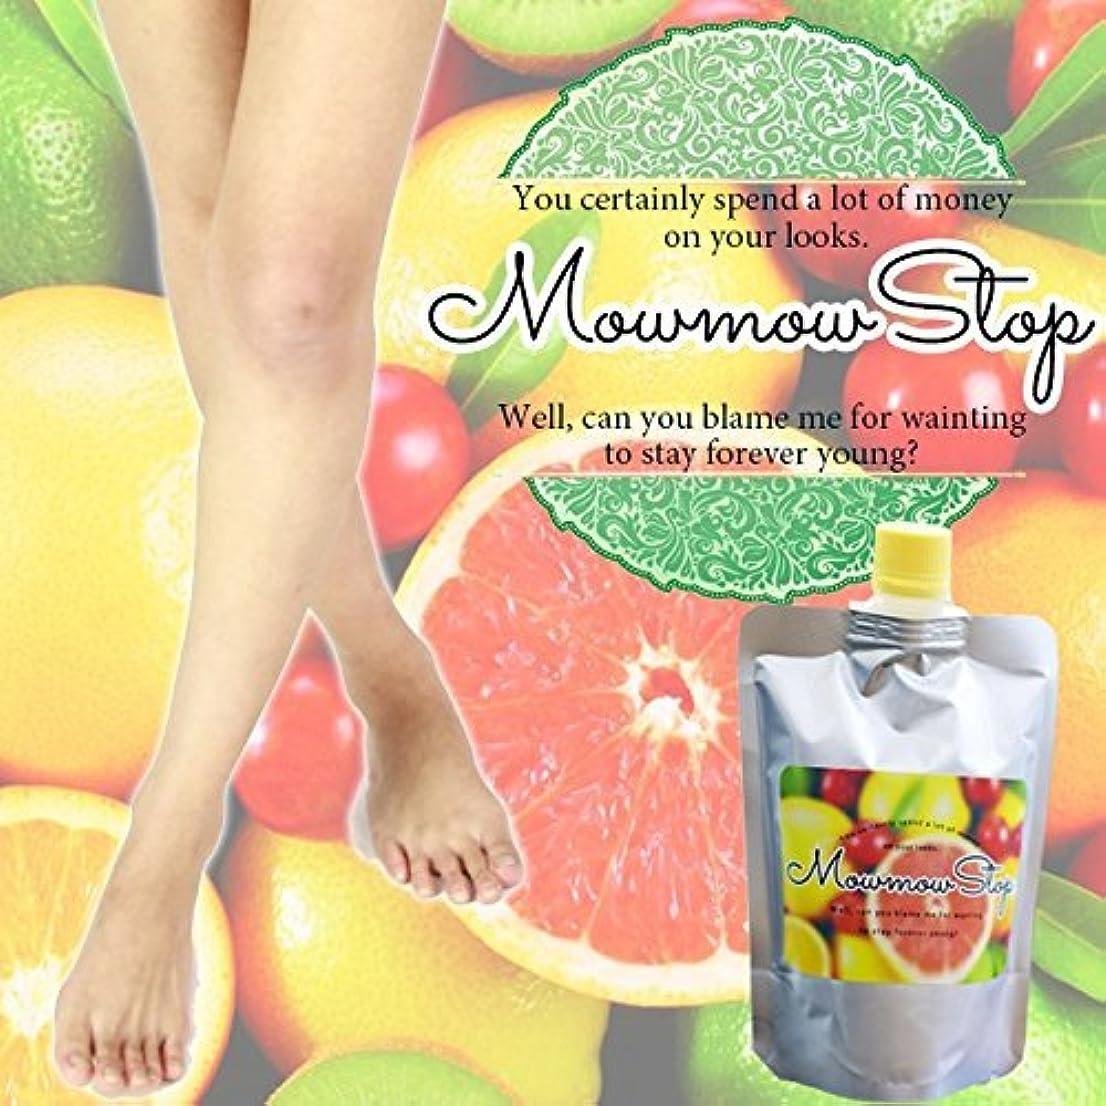 マディソンジョージエリオット適用済みMow mow Stop /モウモウストップ(医薬部外品)